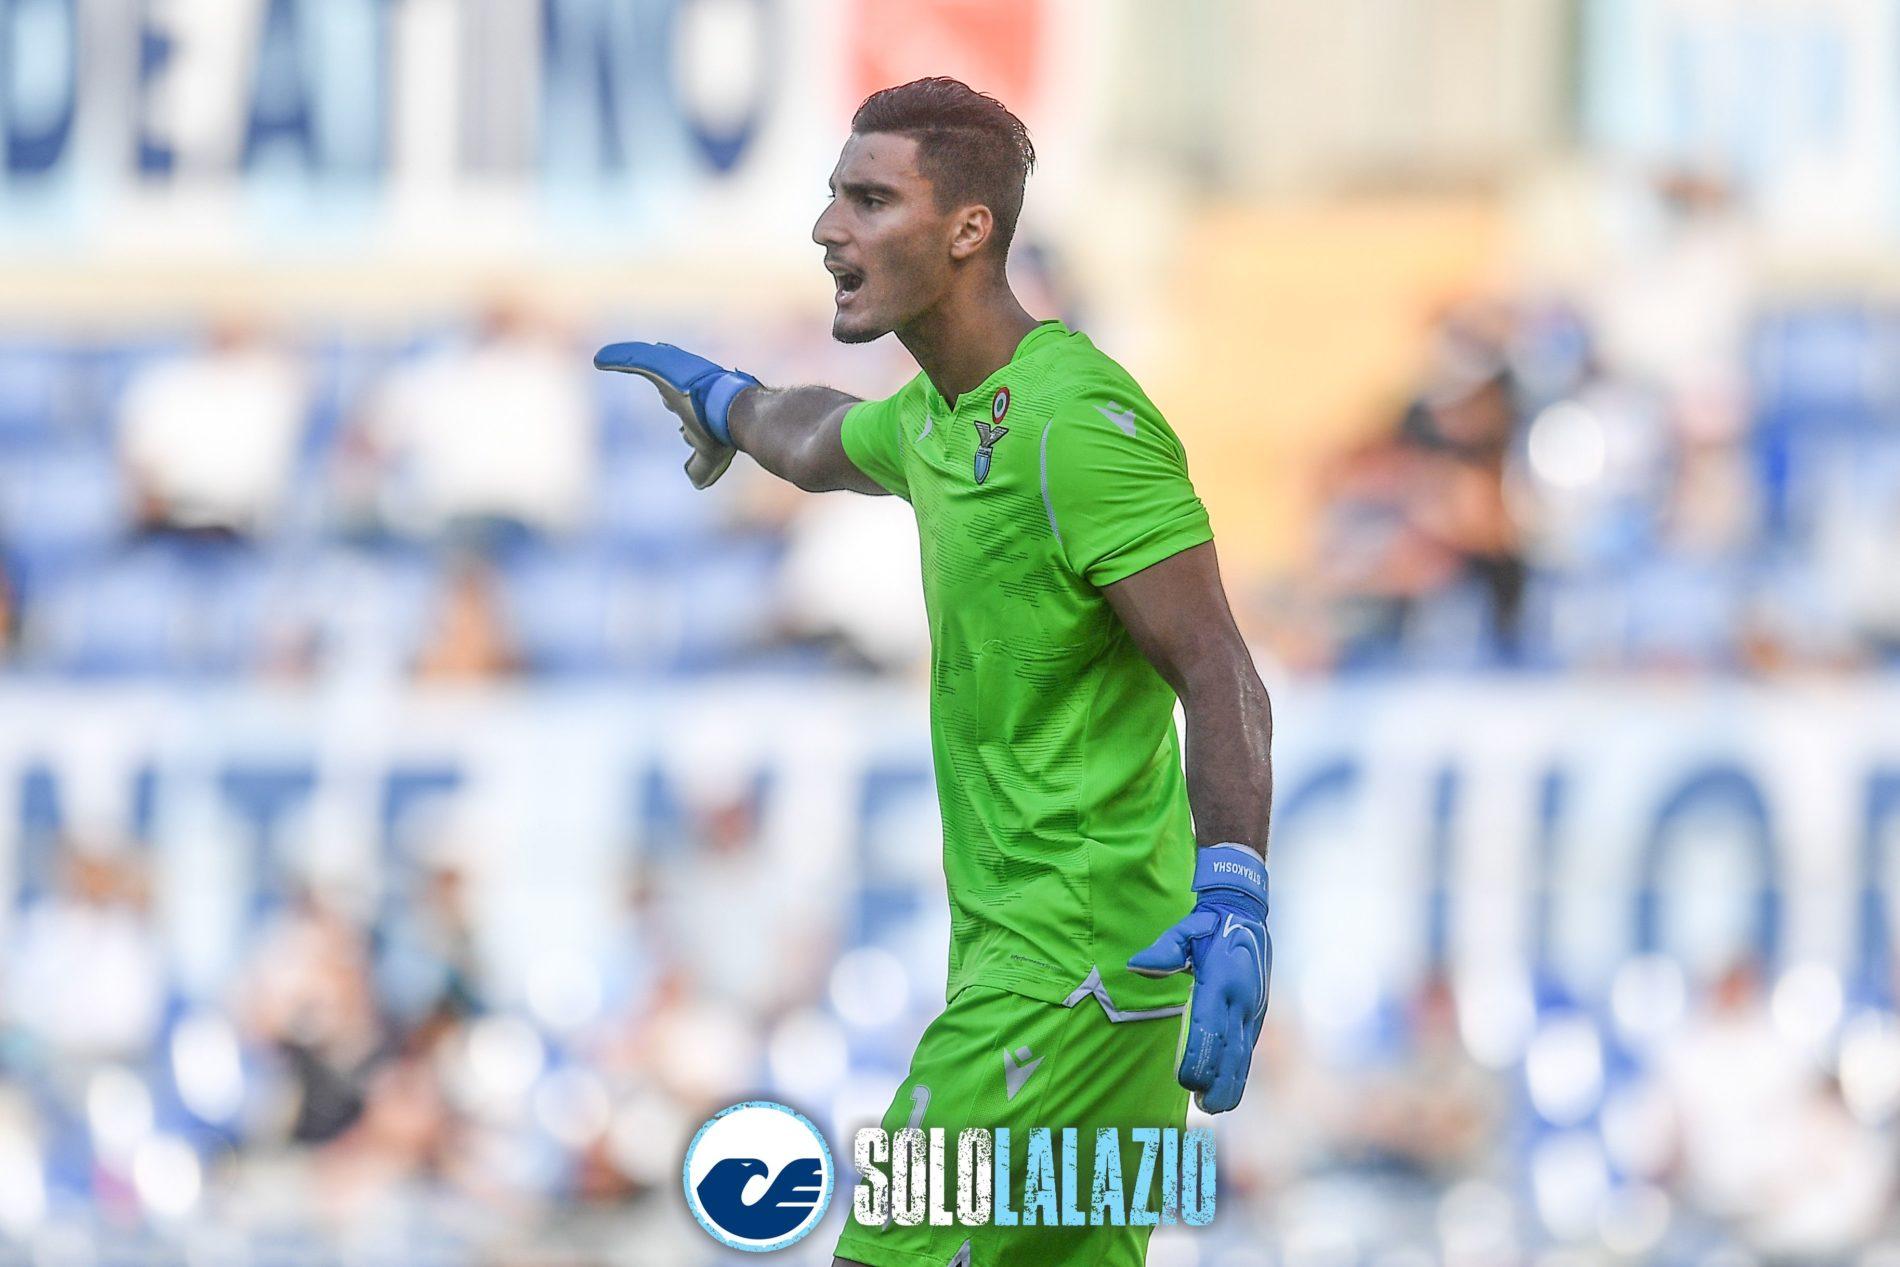 Lazio - Genoa, Thomas Strakosha